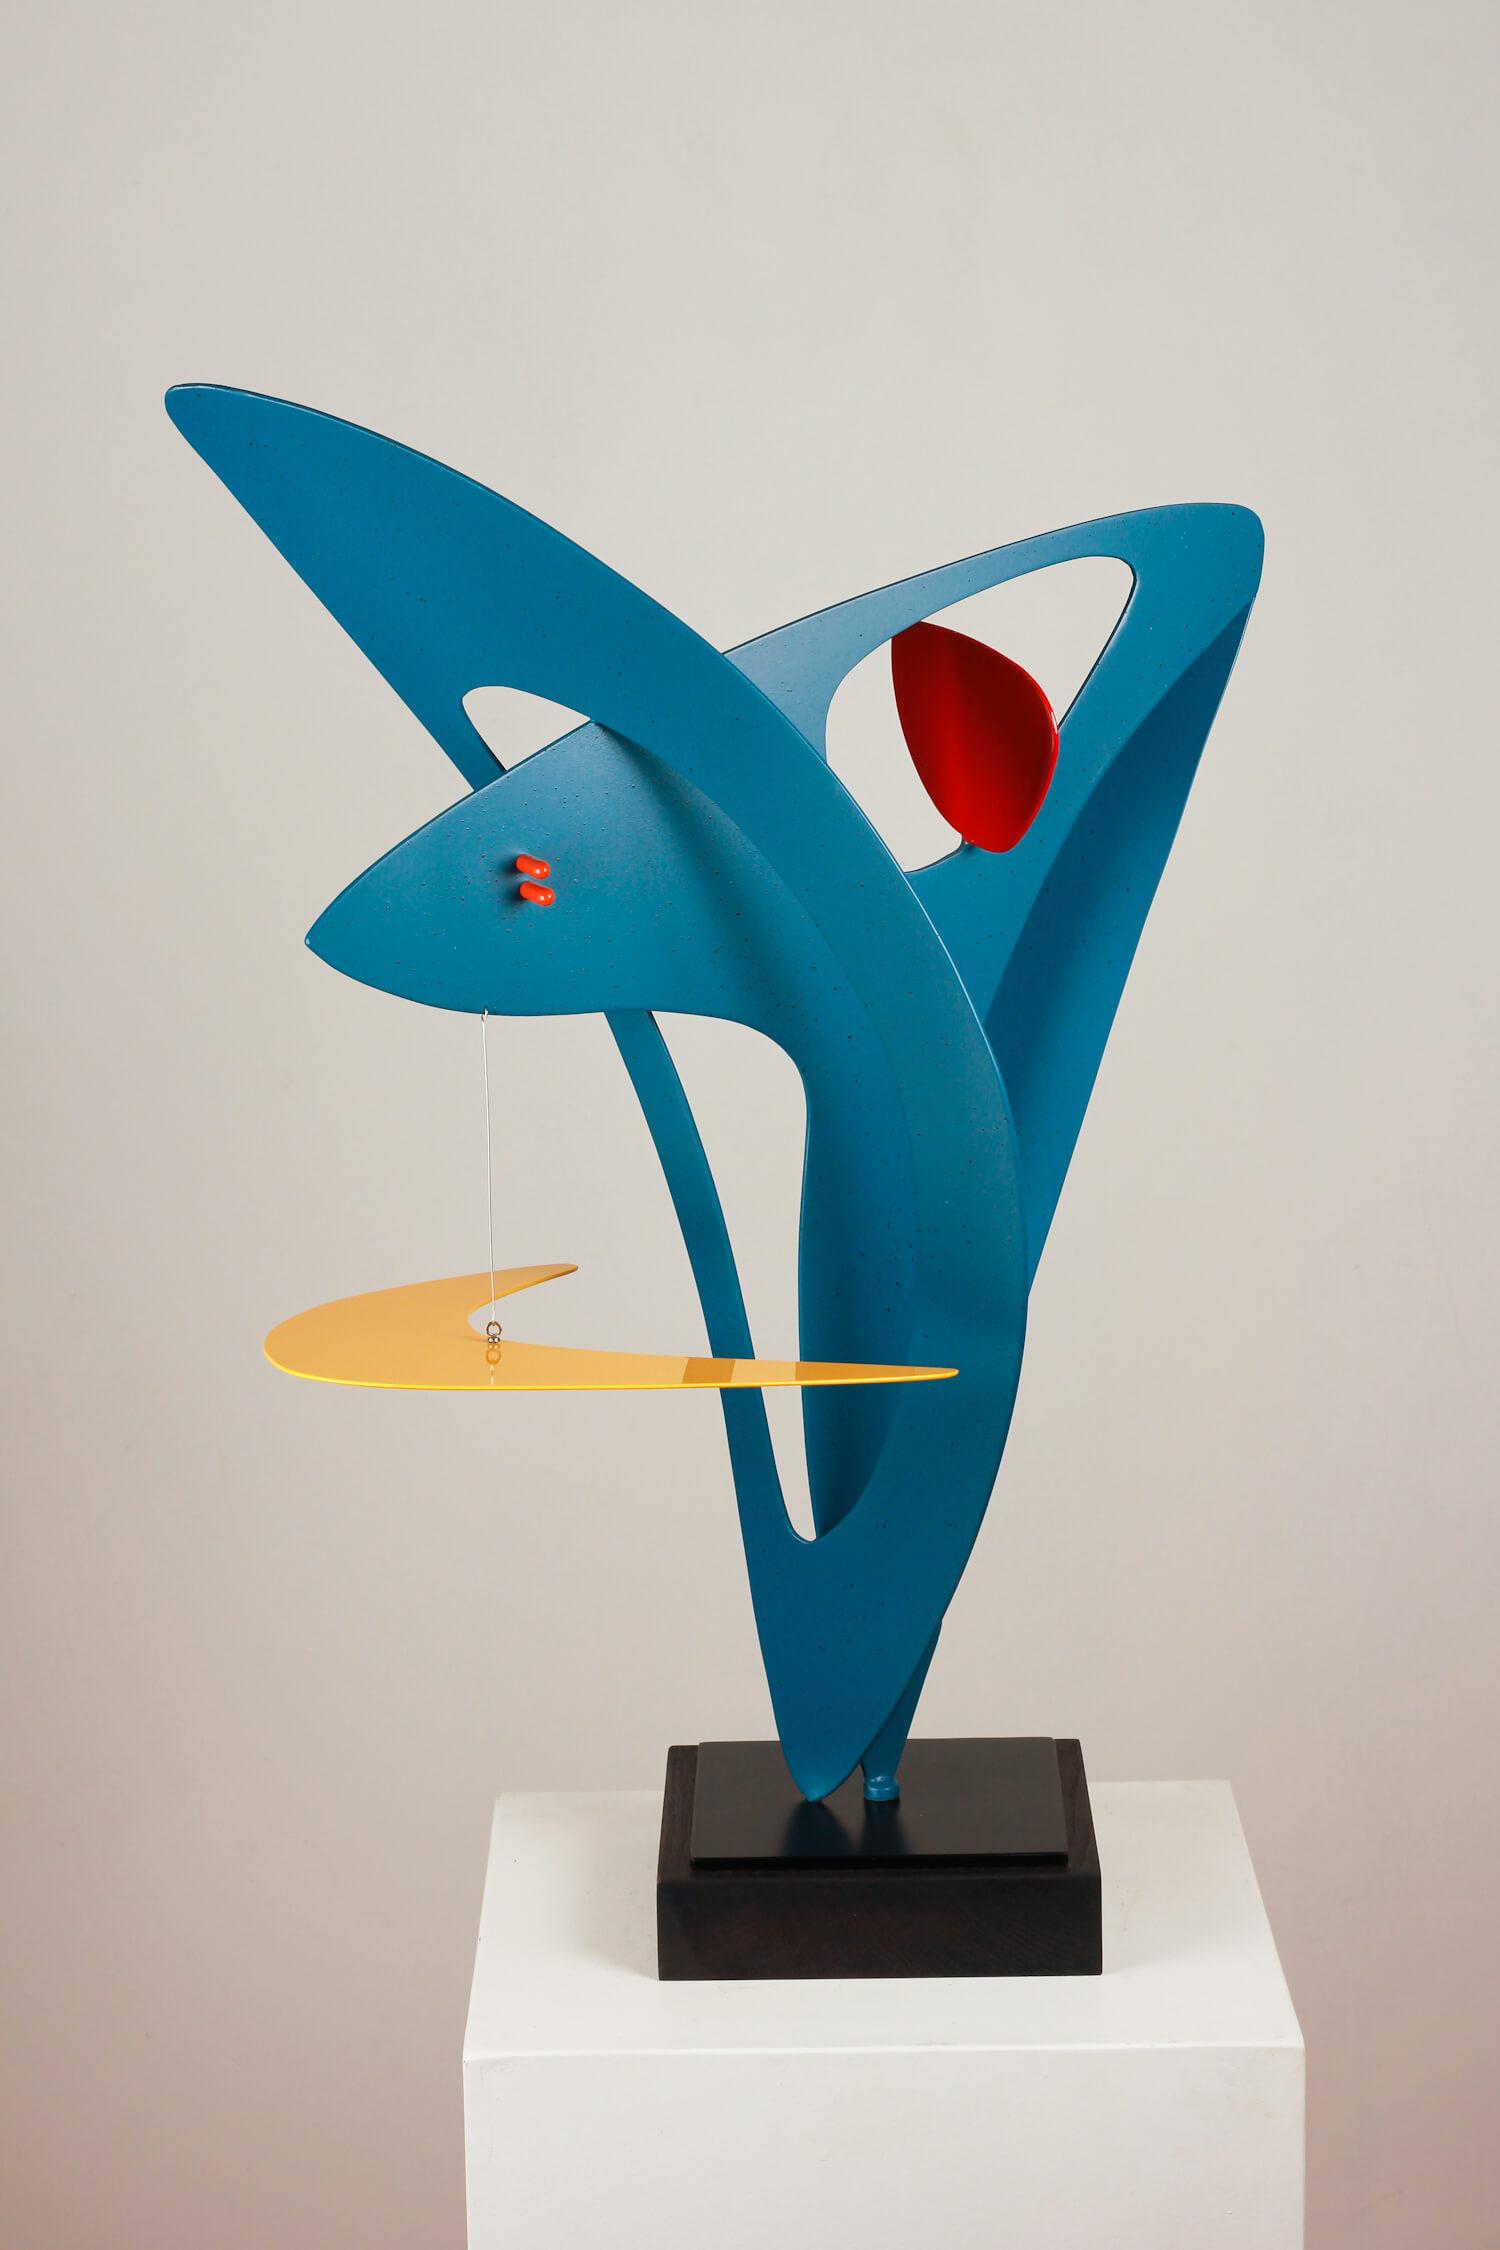 Absract- sculpture-PaulStein-DelicateBalance1